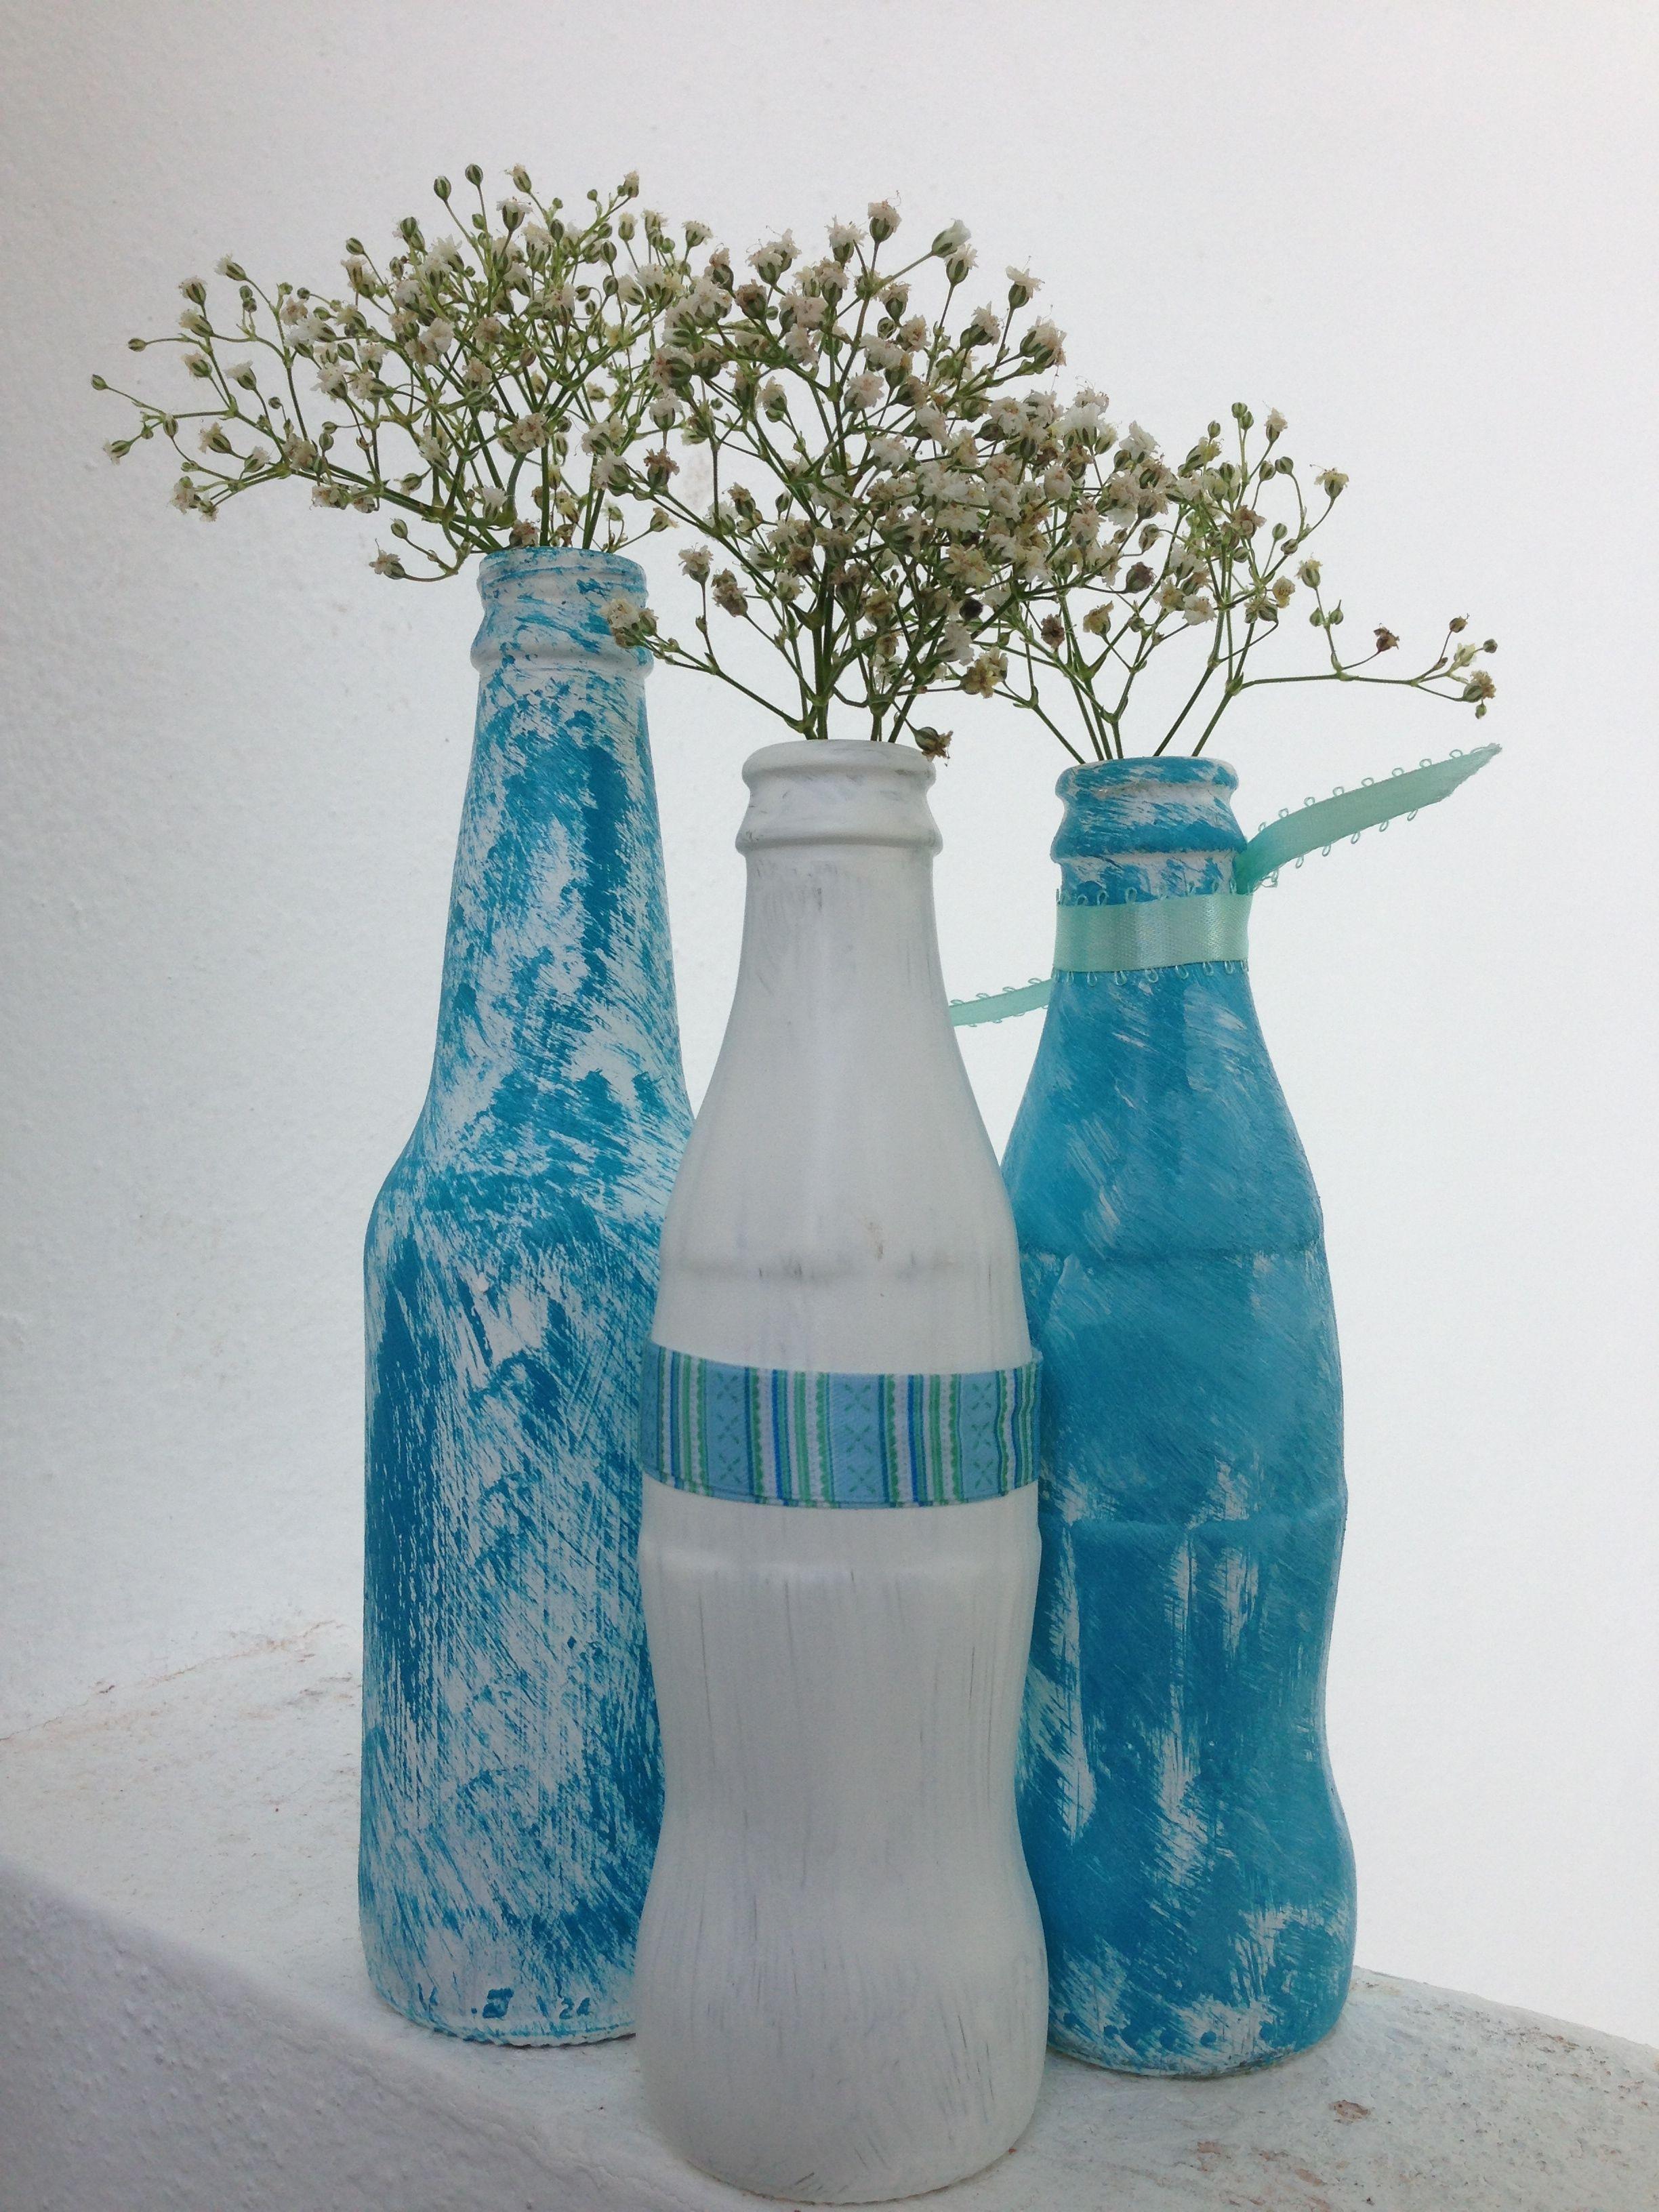 Decoración para celebraciones. Botellas pintadas a mano. Pedidos en Playa del Carmen, Quintana Roo, Mex. 9841134900